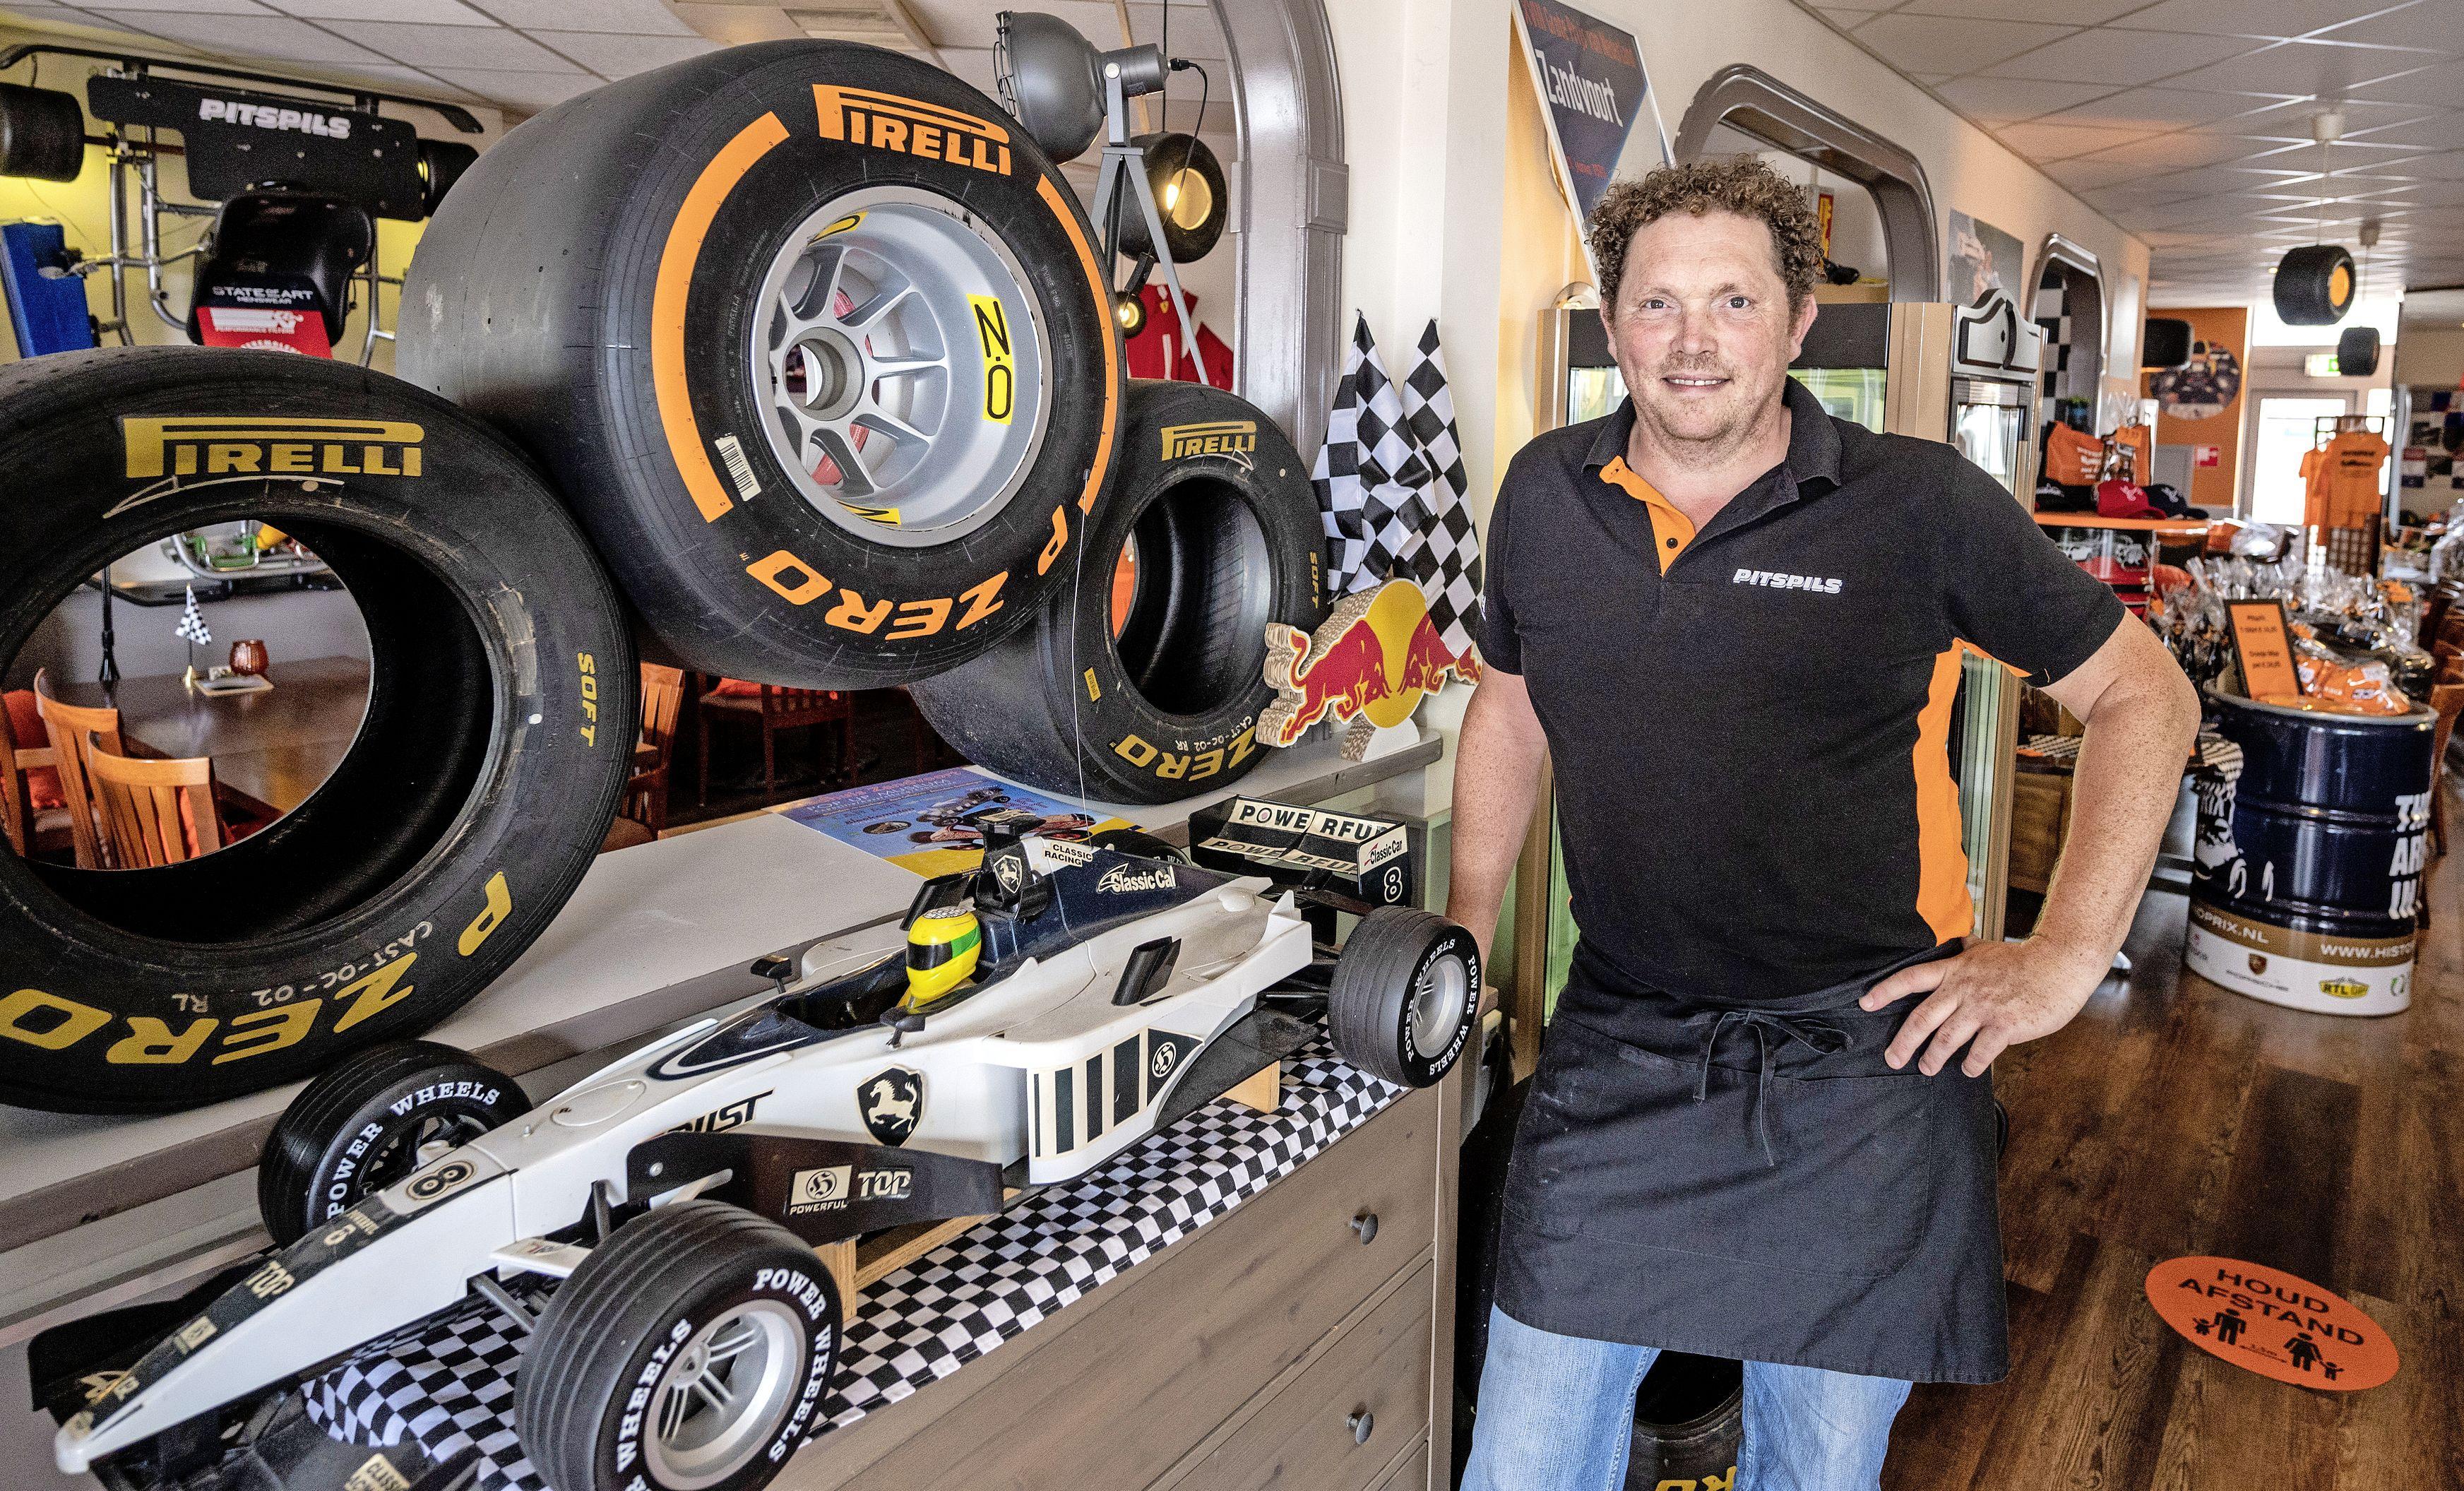 'Raceroom' Rabbel is klaar voor Formule 1 met Pitspils en museum